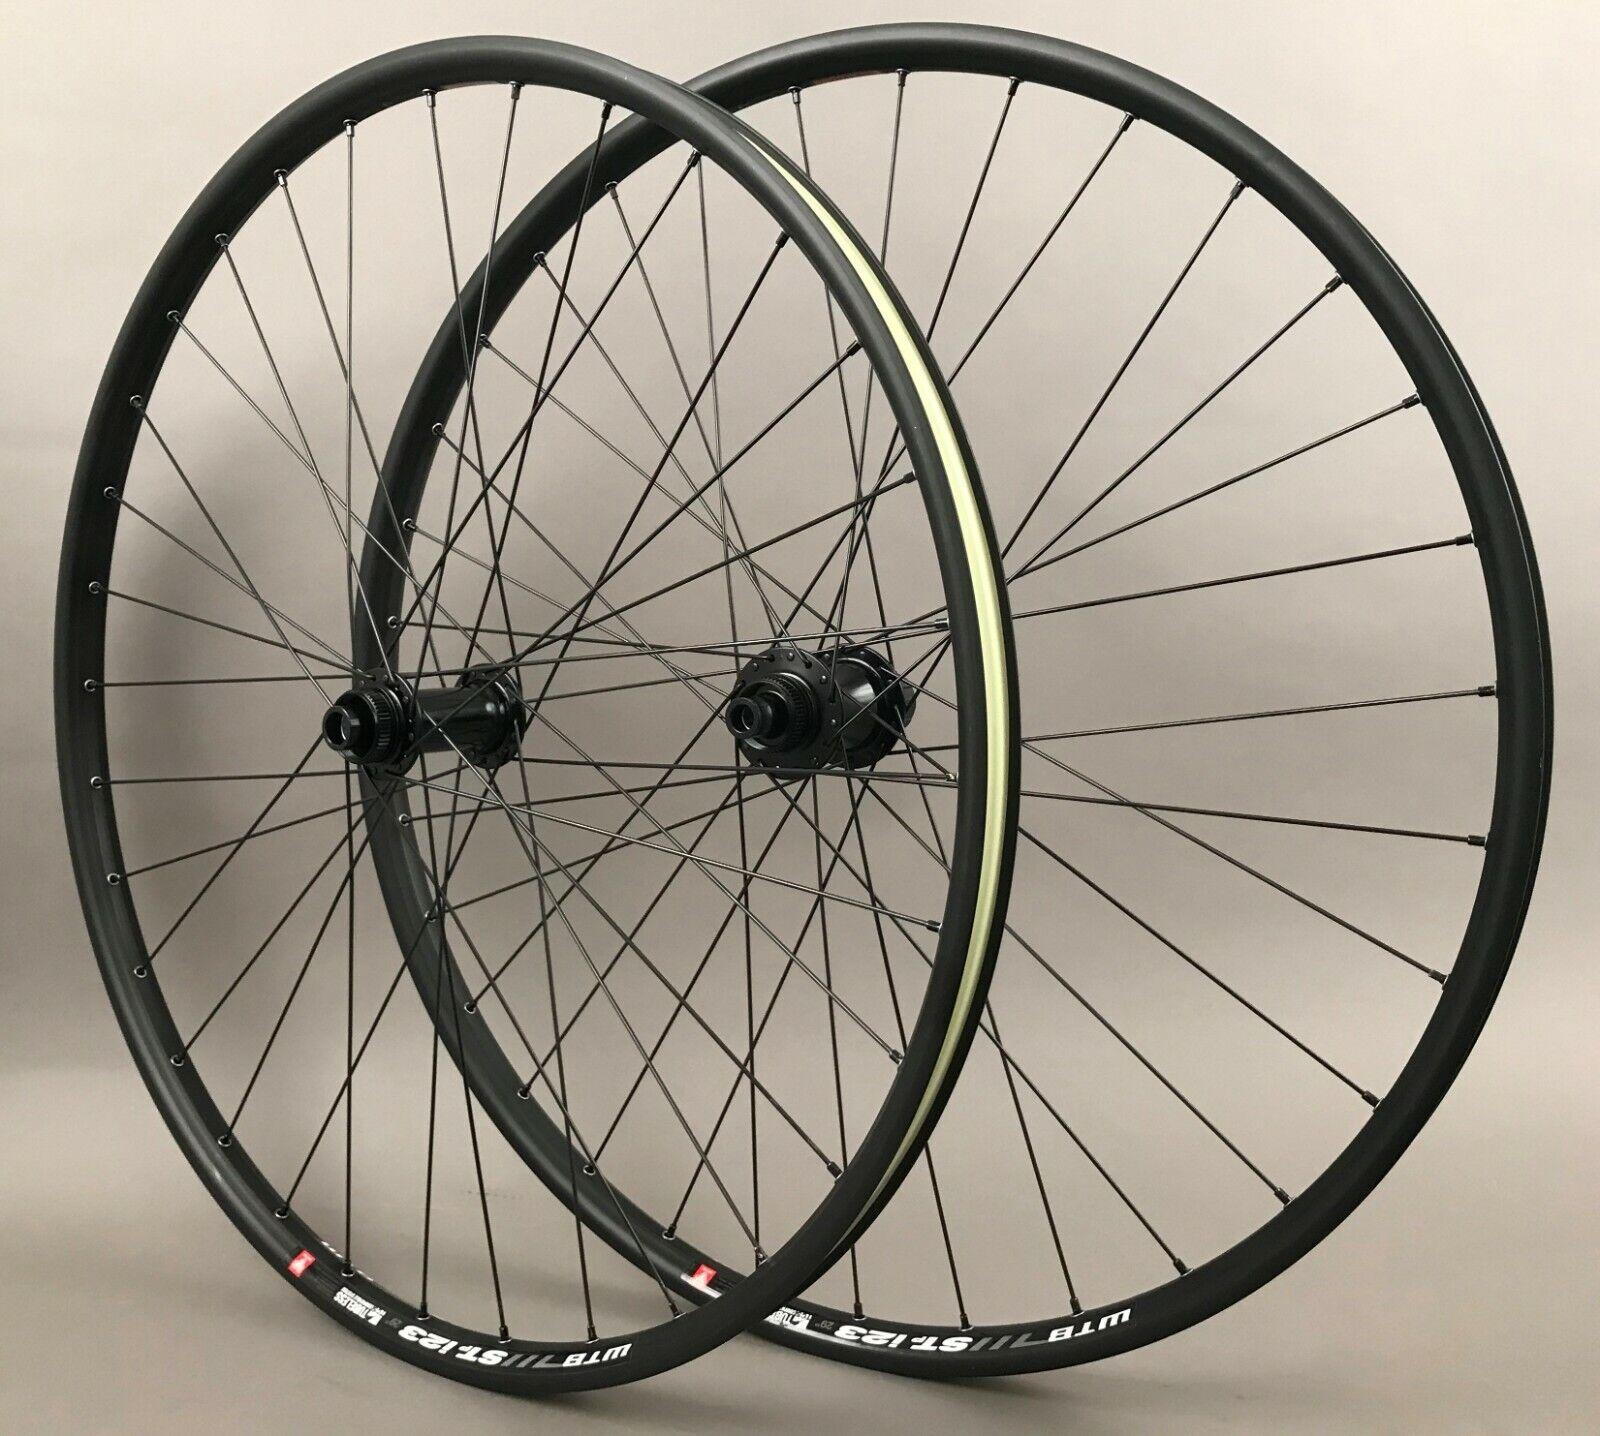 Image 2 - WTB ST I23 29er MTB Mountain Bike Wheels Tubeless BOOST SPACING 15x 110 12x 148